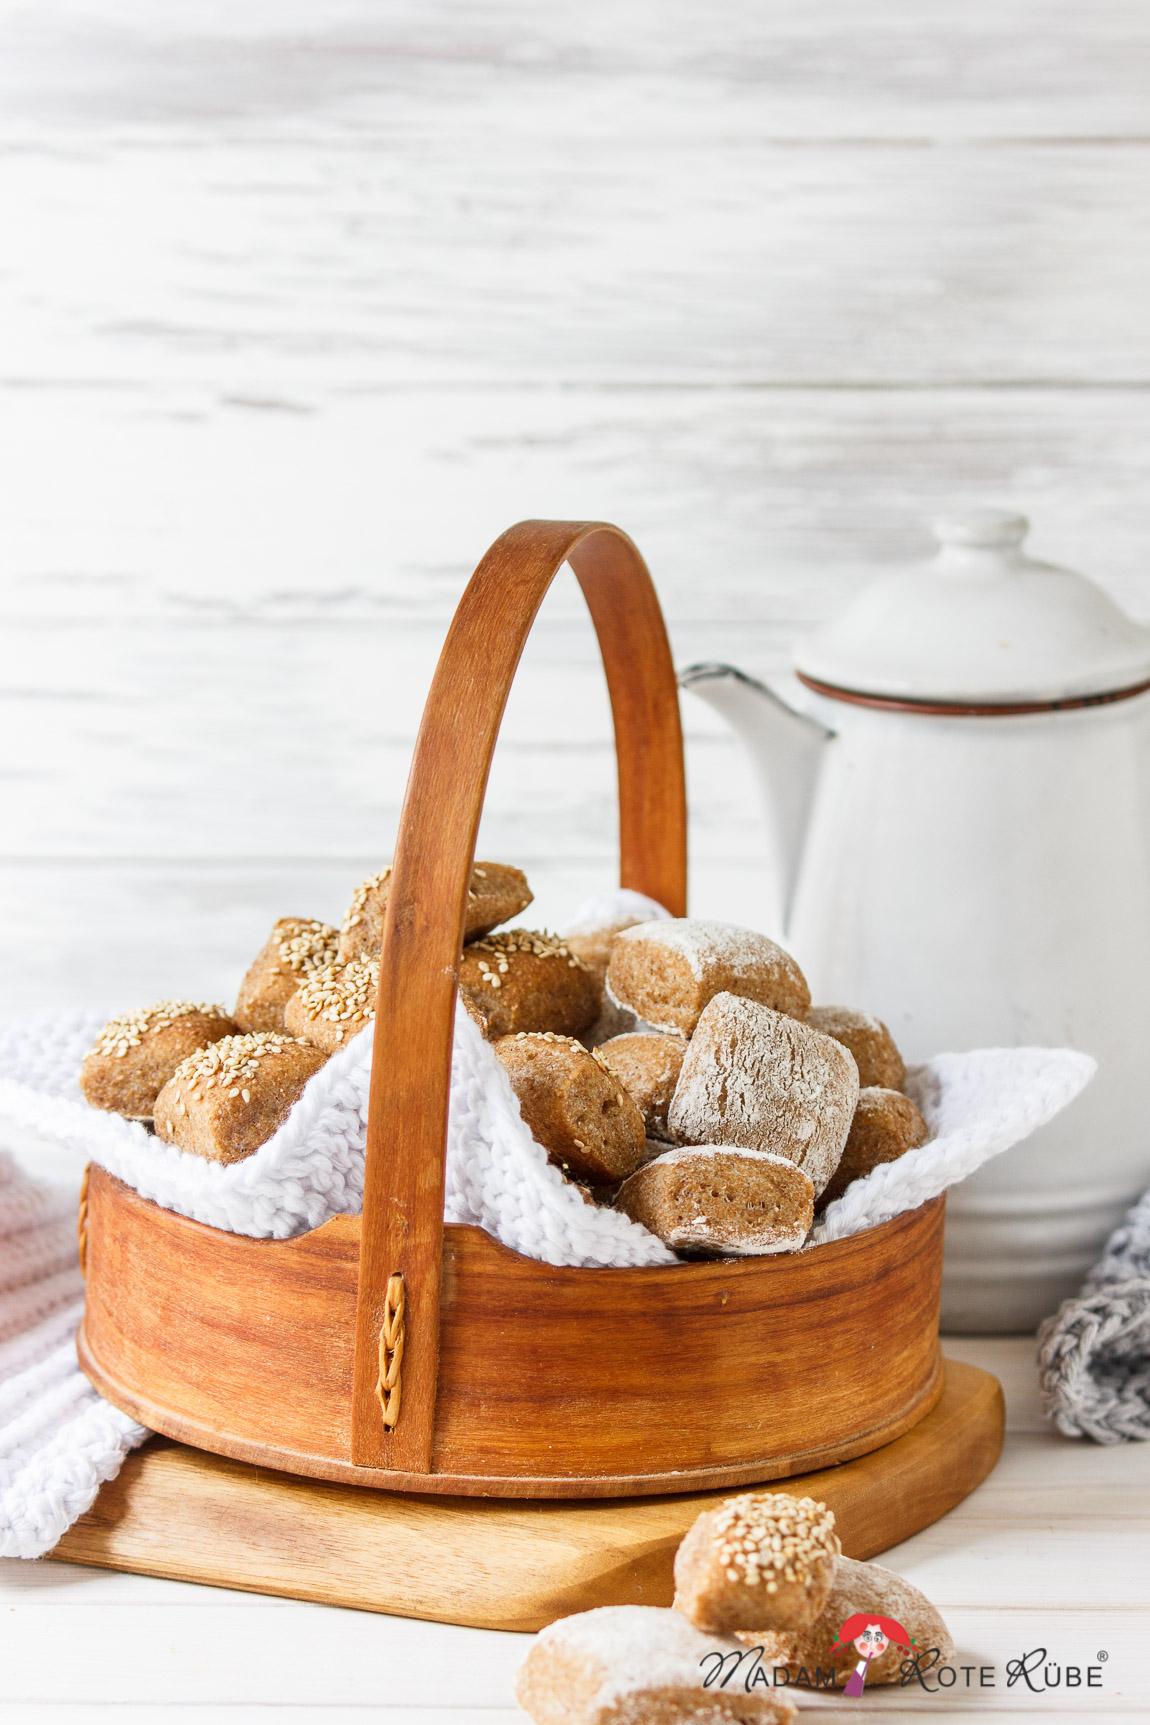 Madam Rote Rübe - Zwergen-Vollkorn-Brötchen - das Brotkonfekt zum Snacken